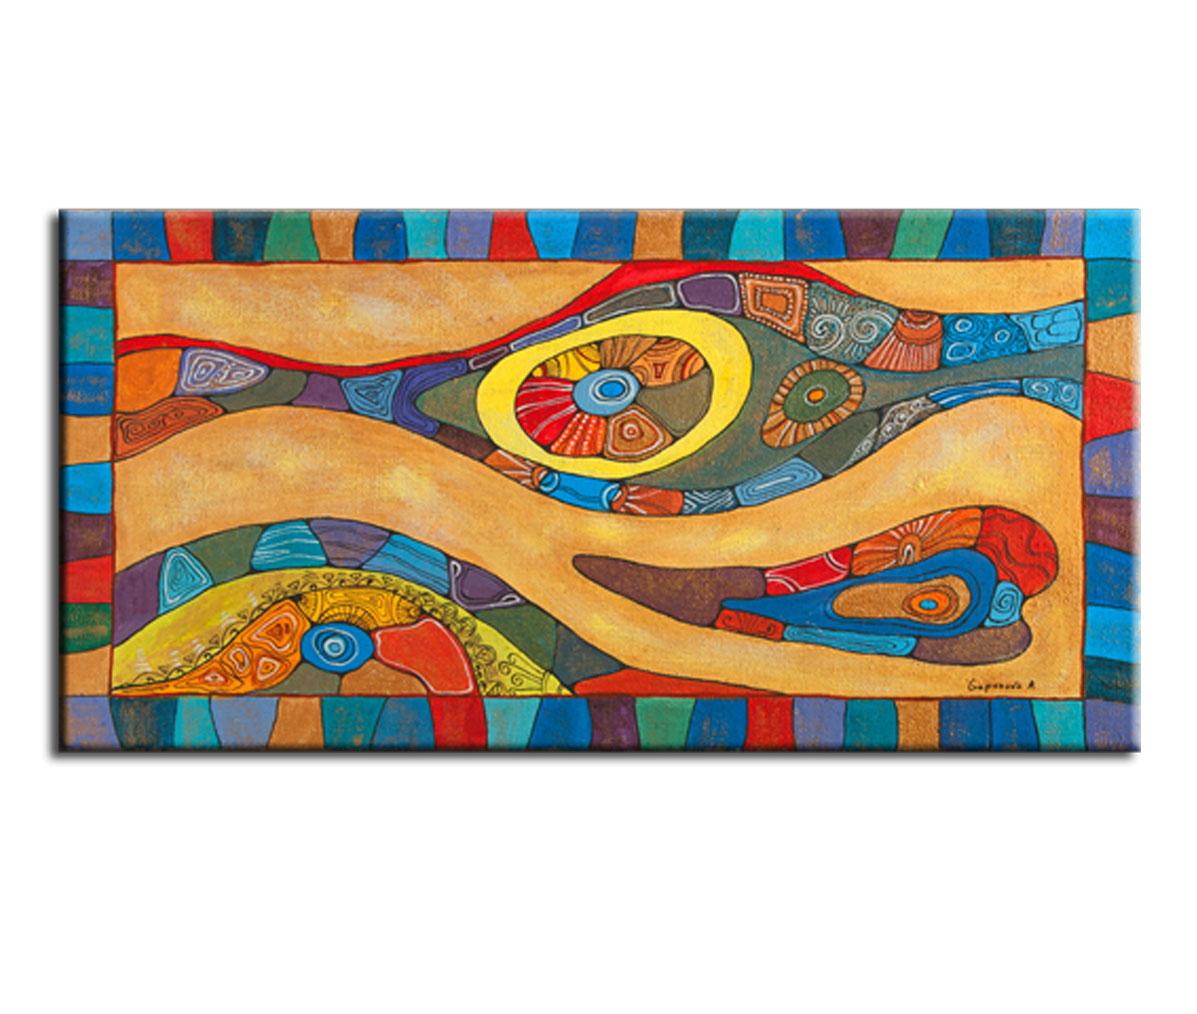 Картина ORNAMENTOКартины<br>Авторская копия картины художницы Анны Гапоновой с декоративной фактурной обработкой&amp;lt;div&amp;gt;&amp;lt;br&amp;gt;&amp;lt;/div&amp;gt;&amp;lt;div&amp;gt;Материал: натуральный холст, деревянный подрамник, лак,итальянский фактурный гель&amp;lt;br&amp;gt;&amp;lt;/div&amp;gt;<br><br>Material: Холст<br>Width см: 105<br>Depth см: 3<br>Height см: 50